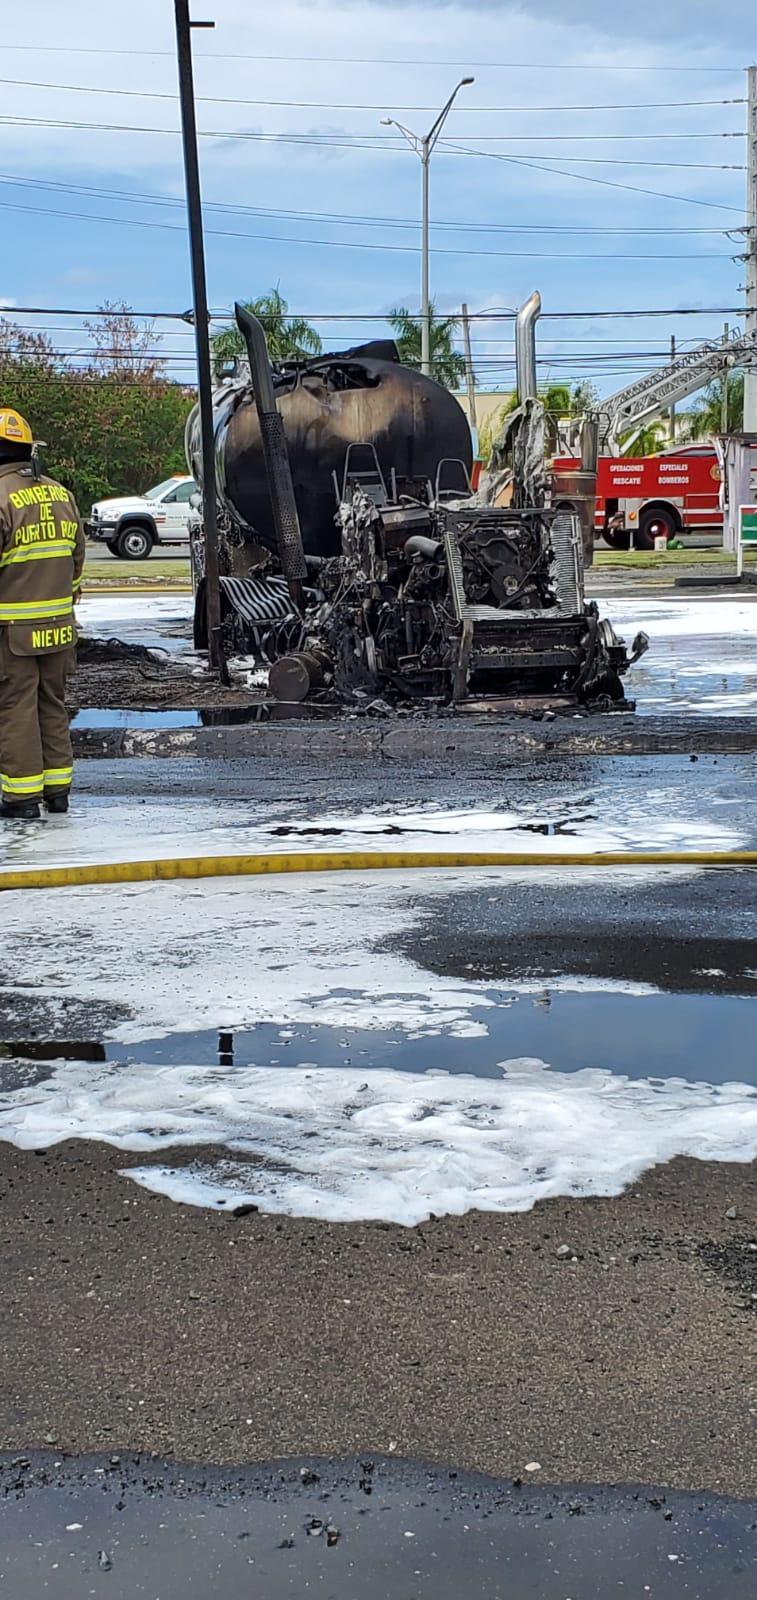 Extinguen incendio de camión de gasolina en Canóvanas